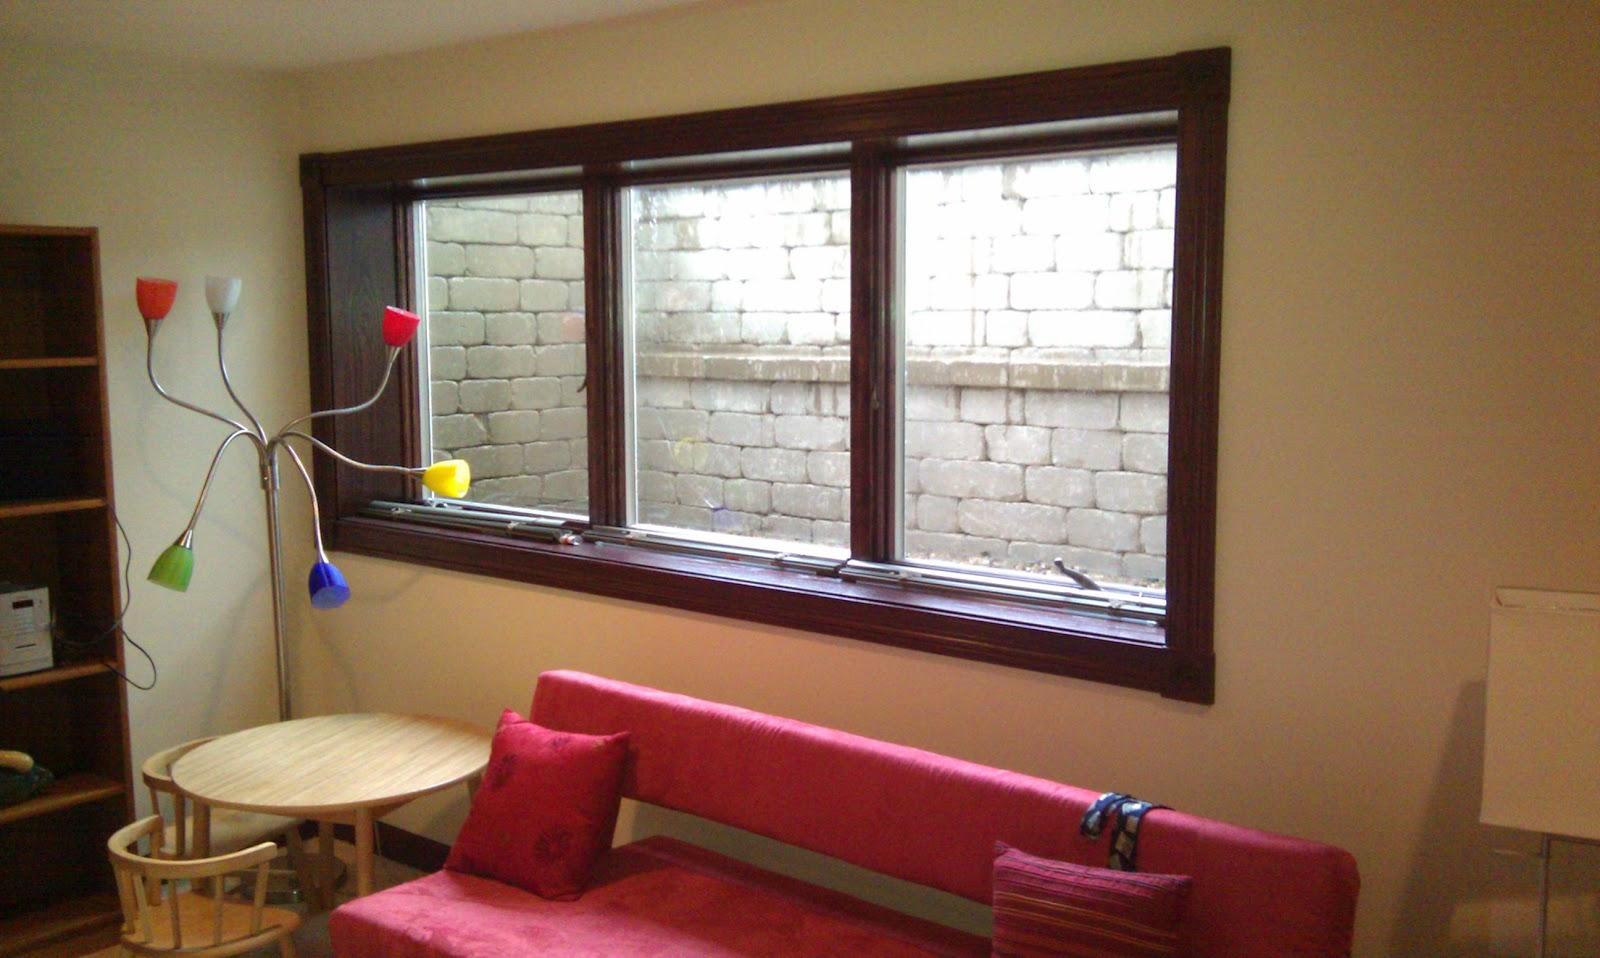 Bedroom emergency egress bedroom furniture high resolution for Bedroom egress window size